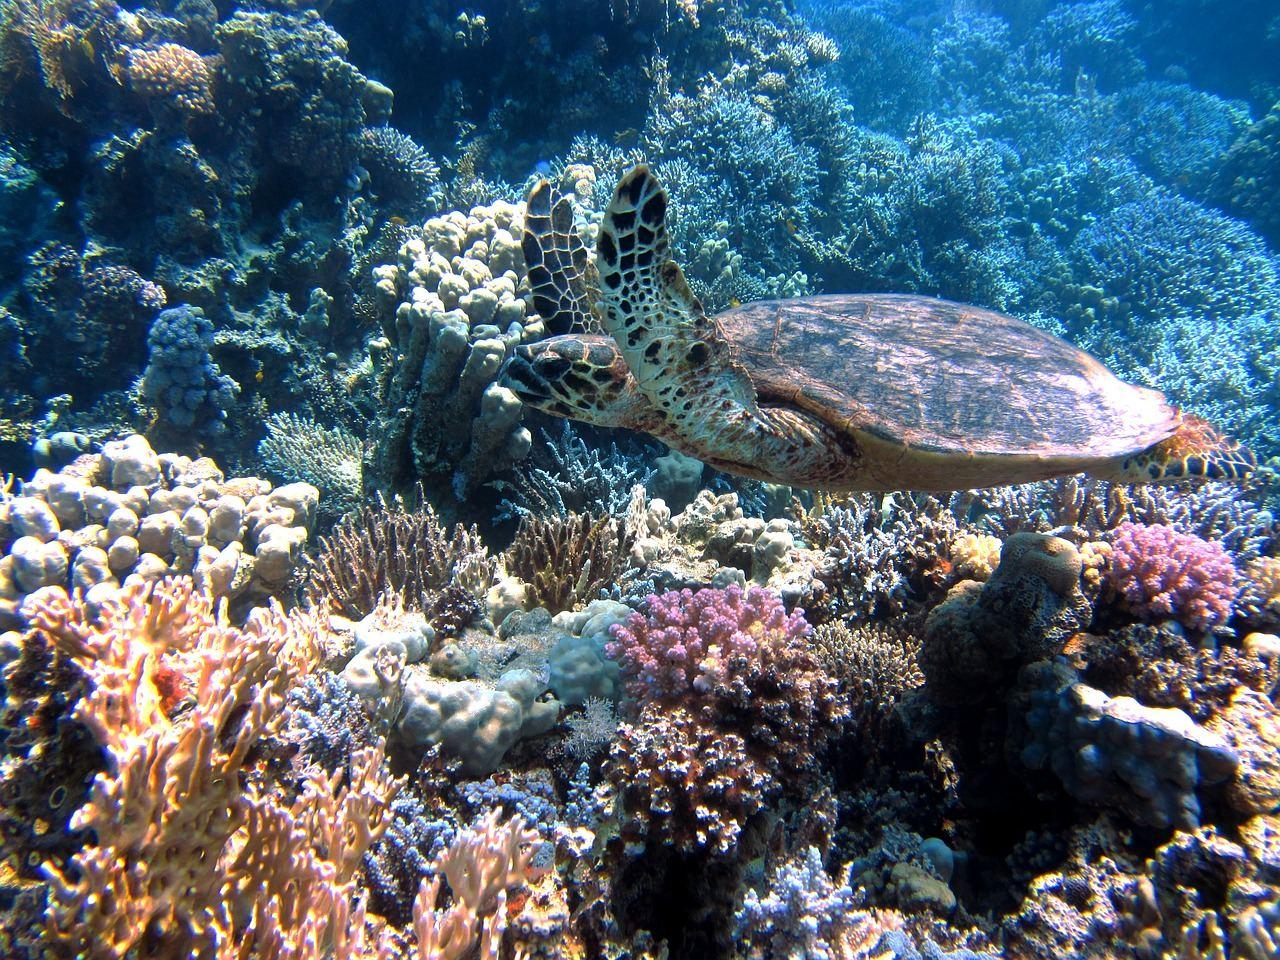 turtle-185484_1280